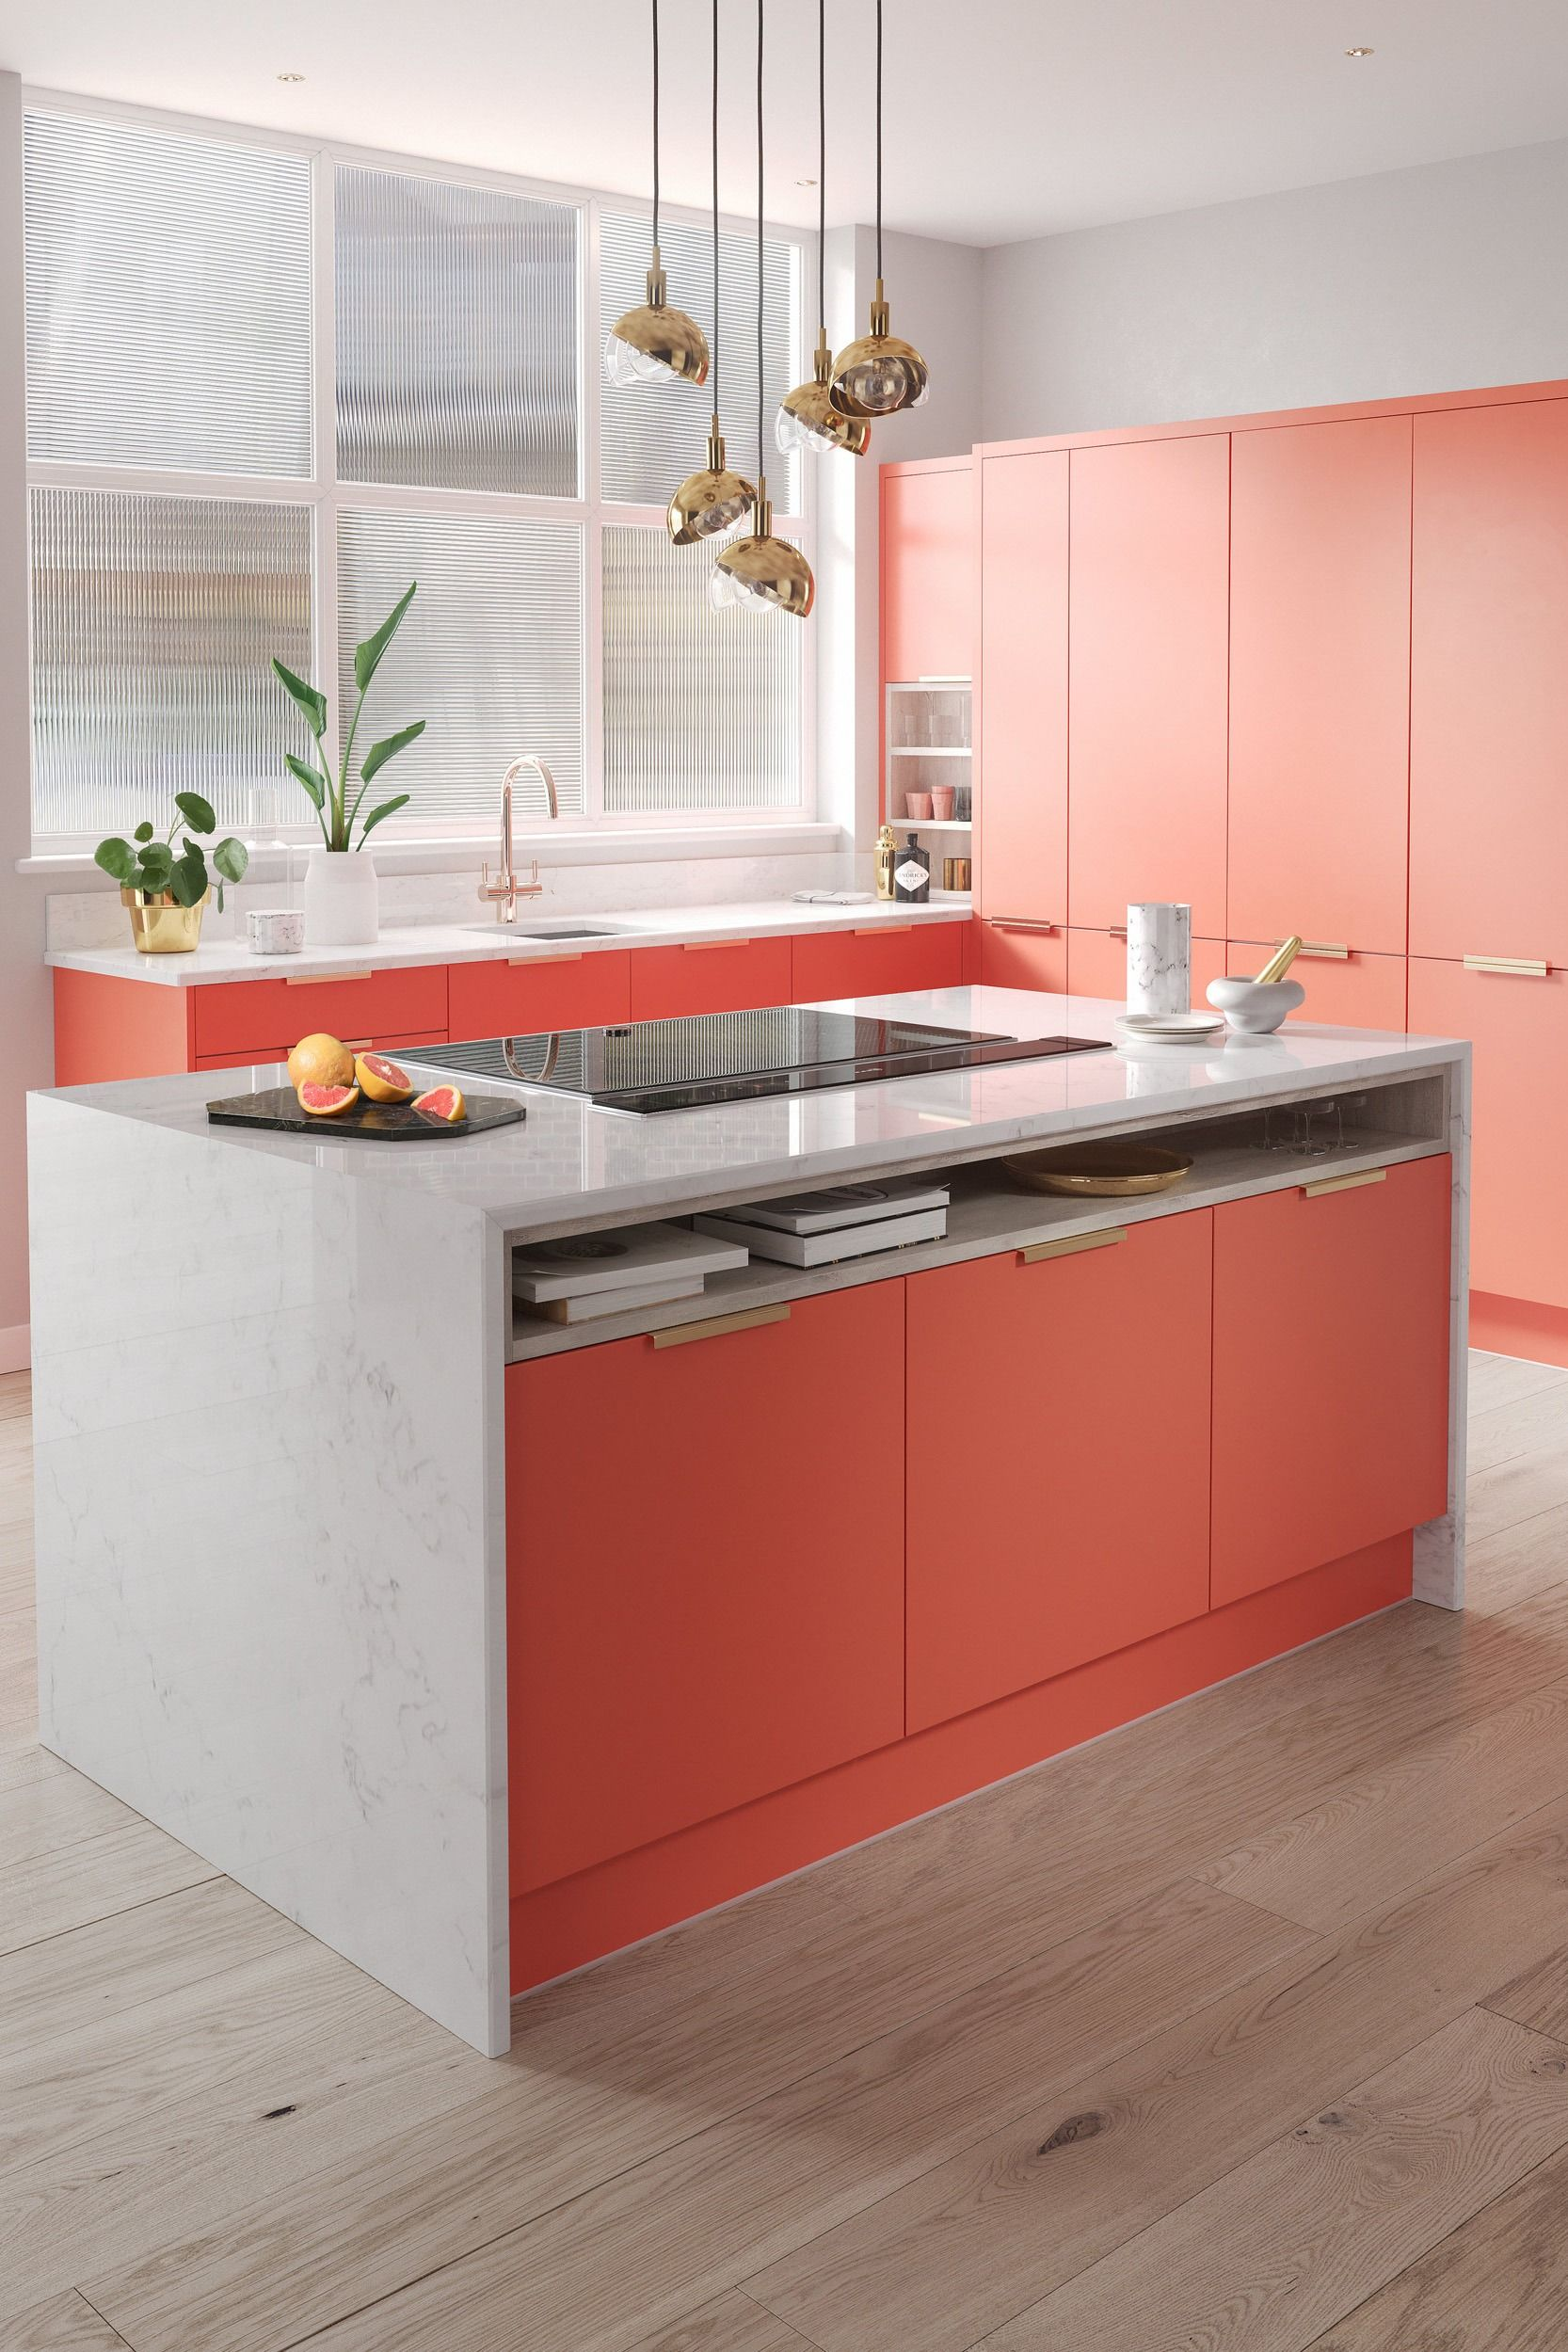 Coral Cgi Kitchen Coral Kitchen Kitchen Projects Kitchen Design